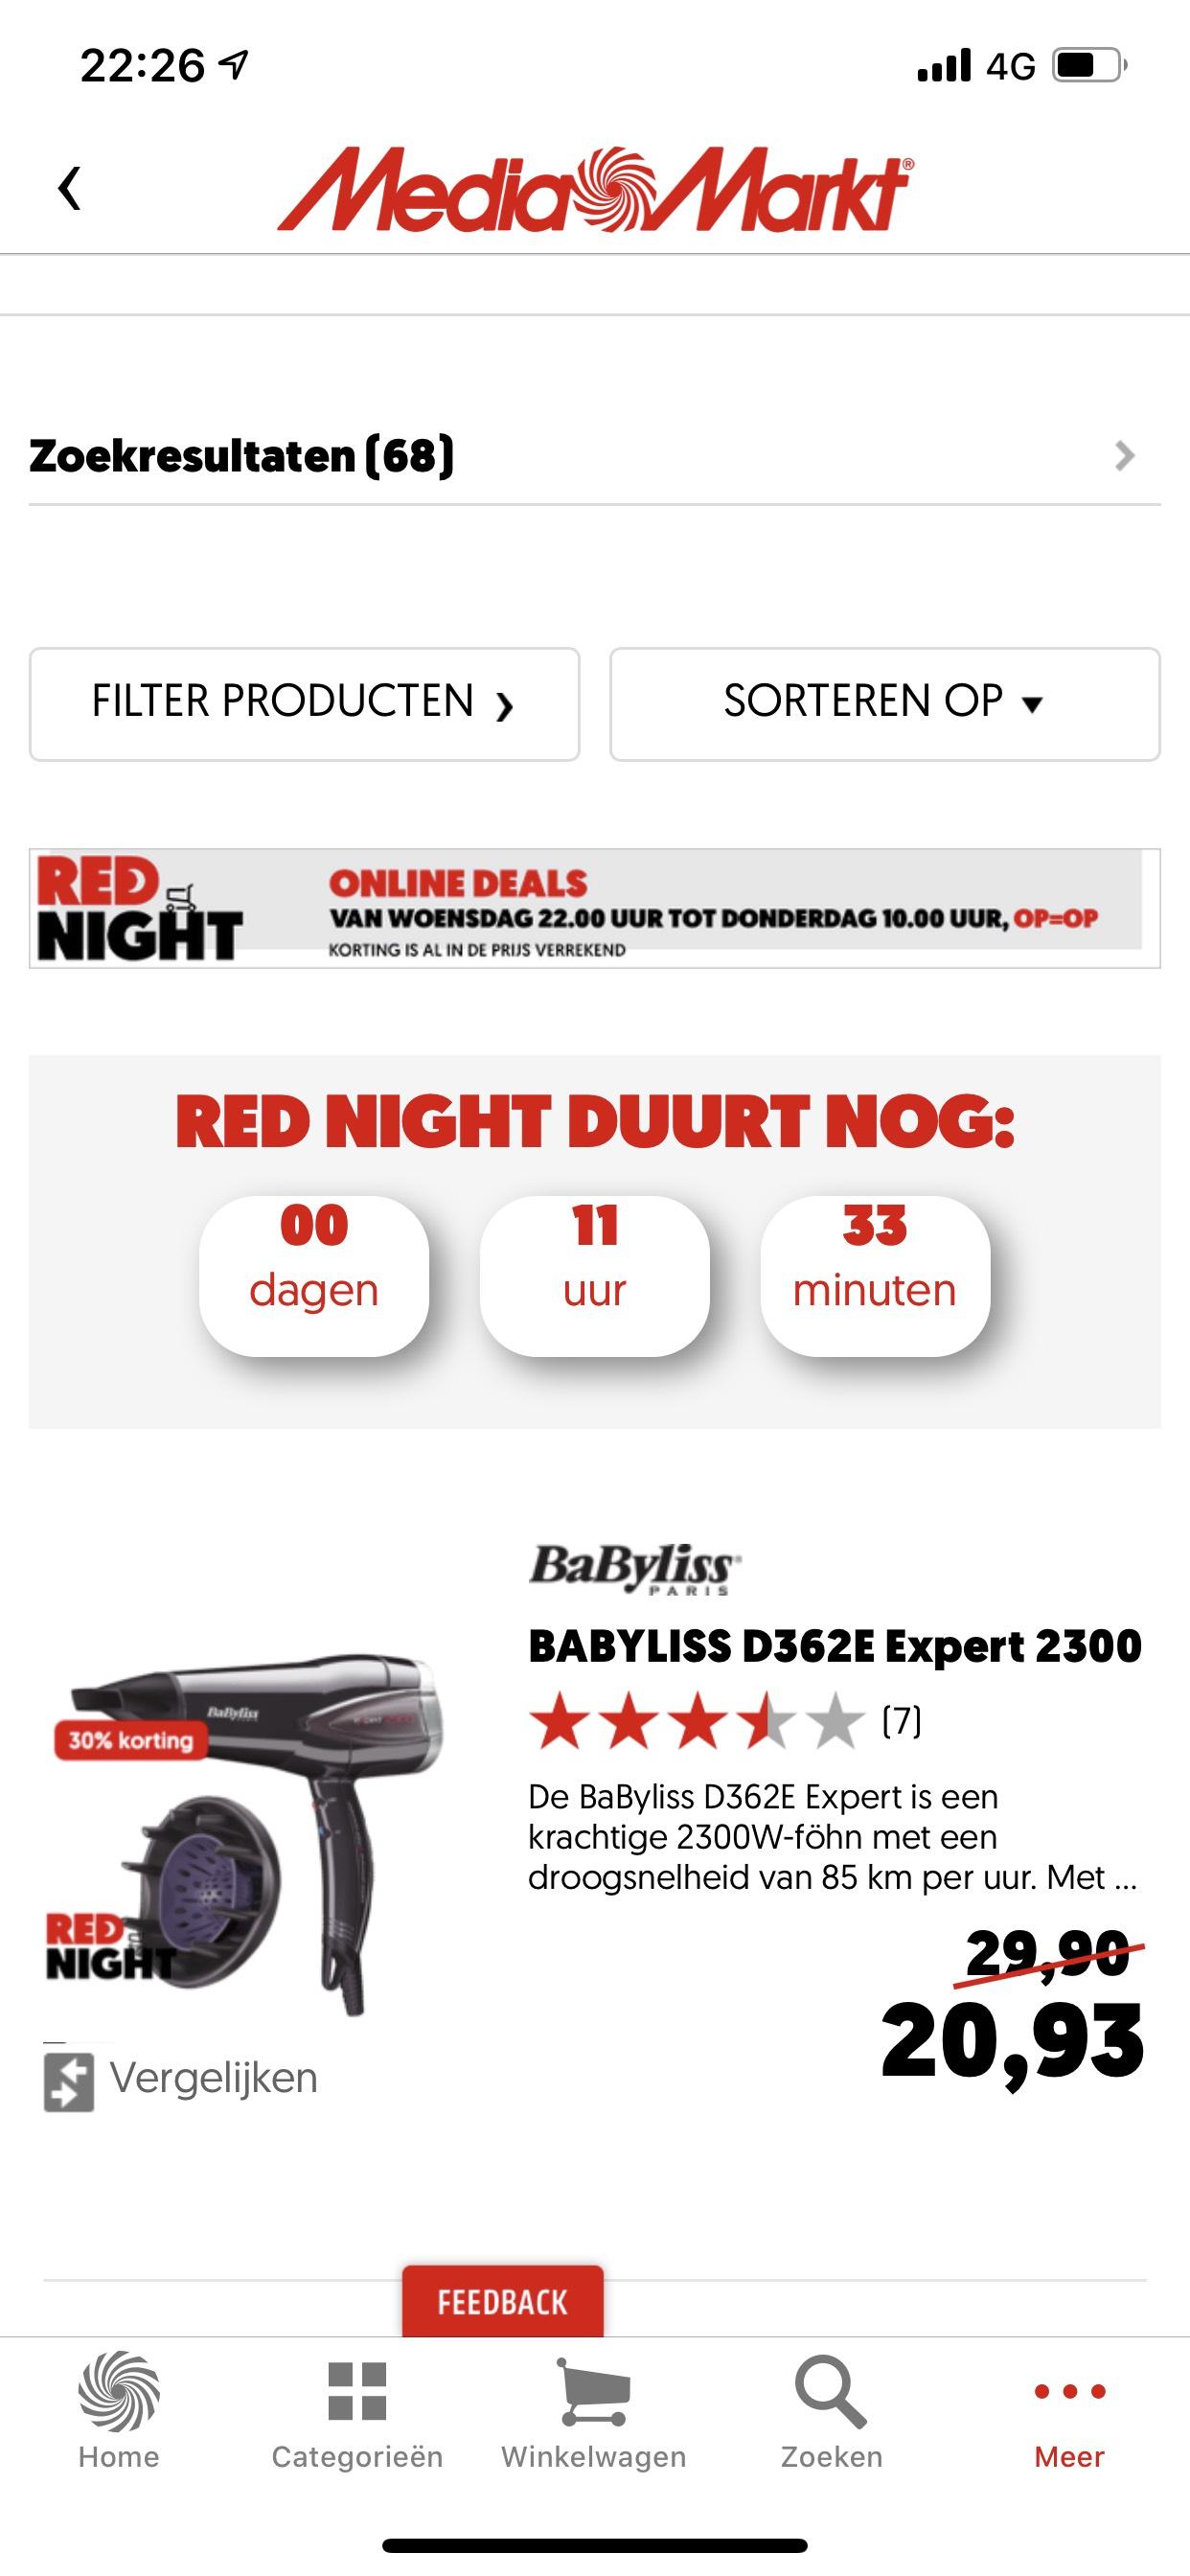 Mediamarkt Red Night Deal